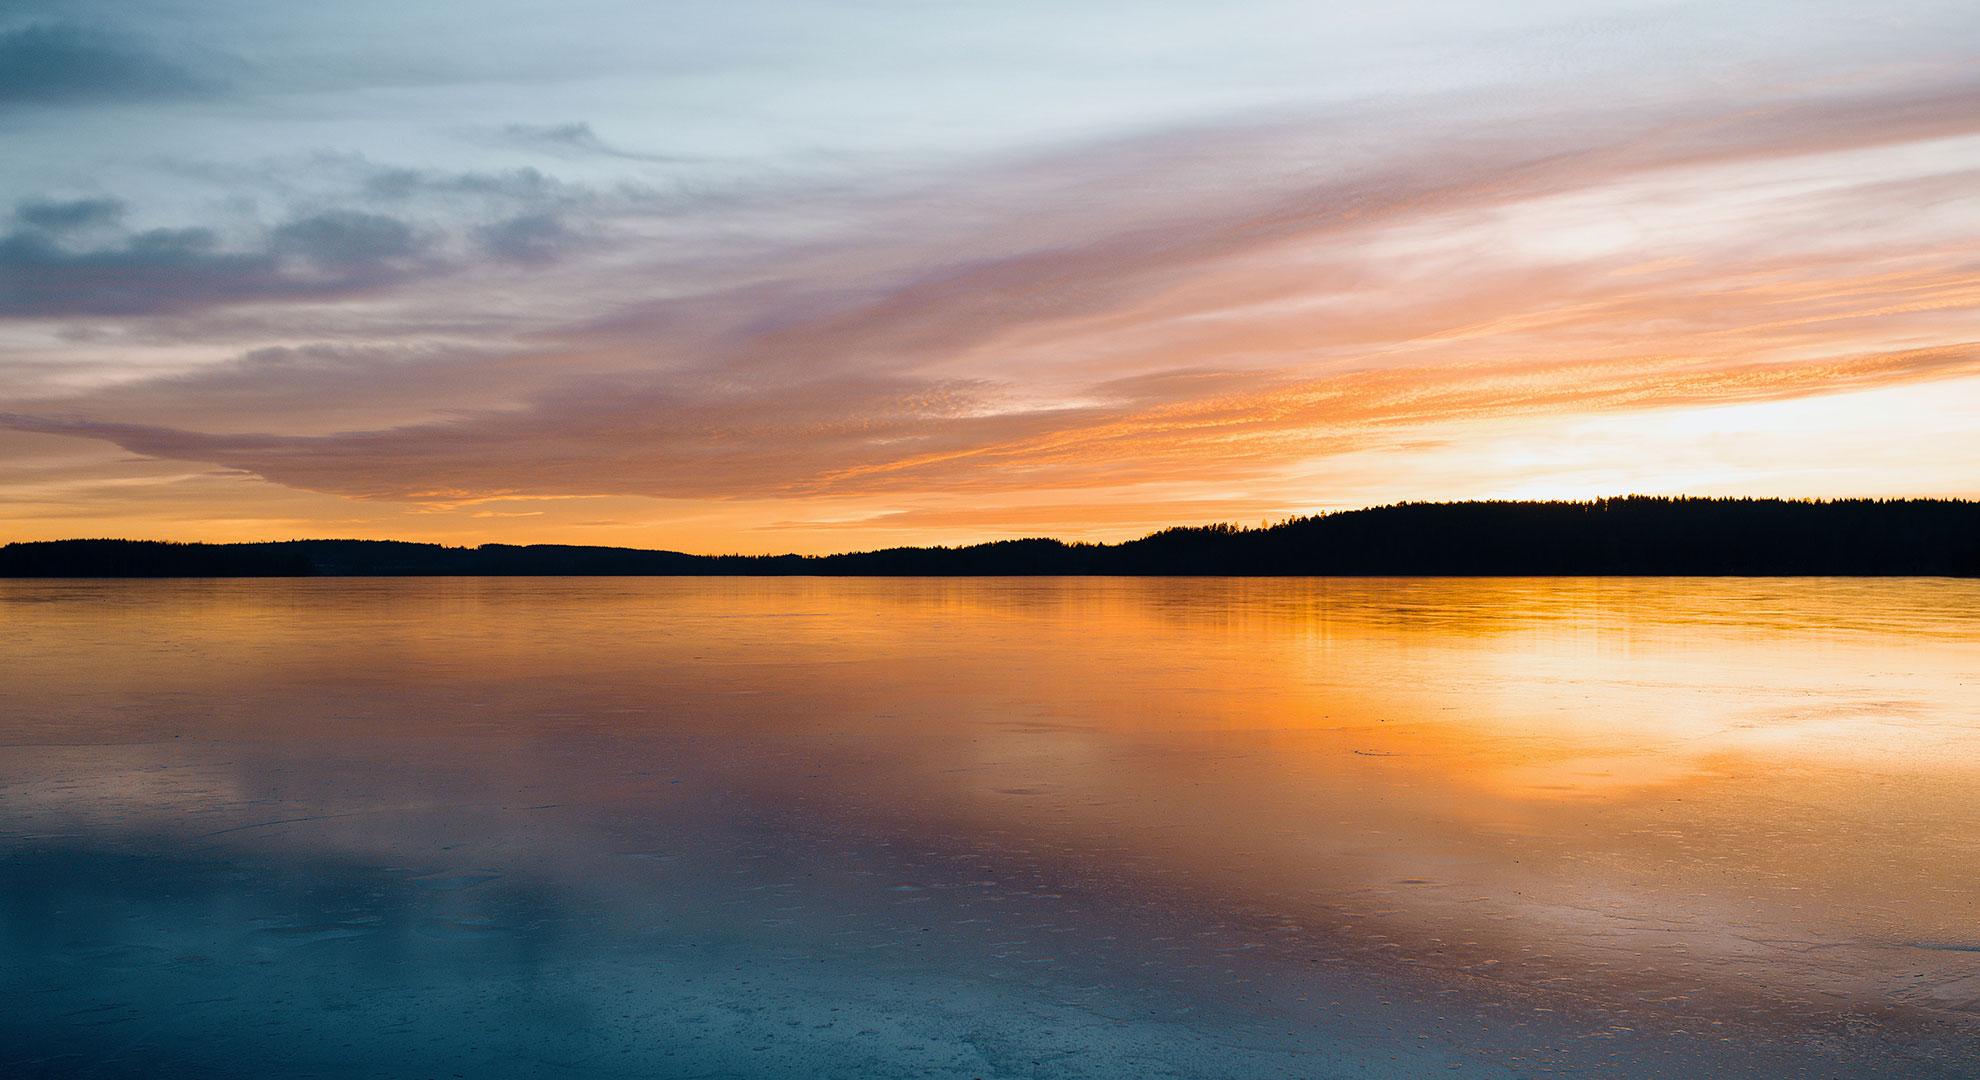 Miroir entre ciel et mer coucher de soleil - header jeu du roi reine kodama